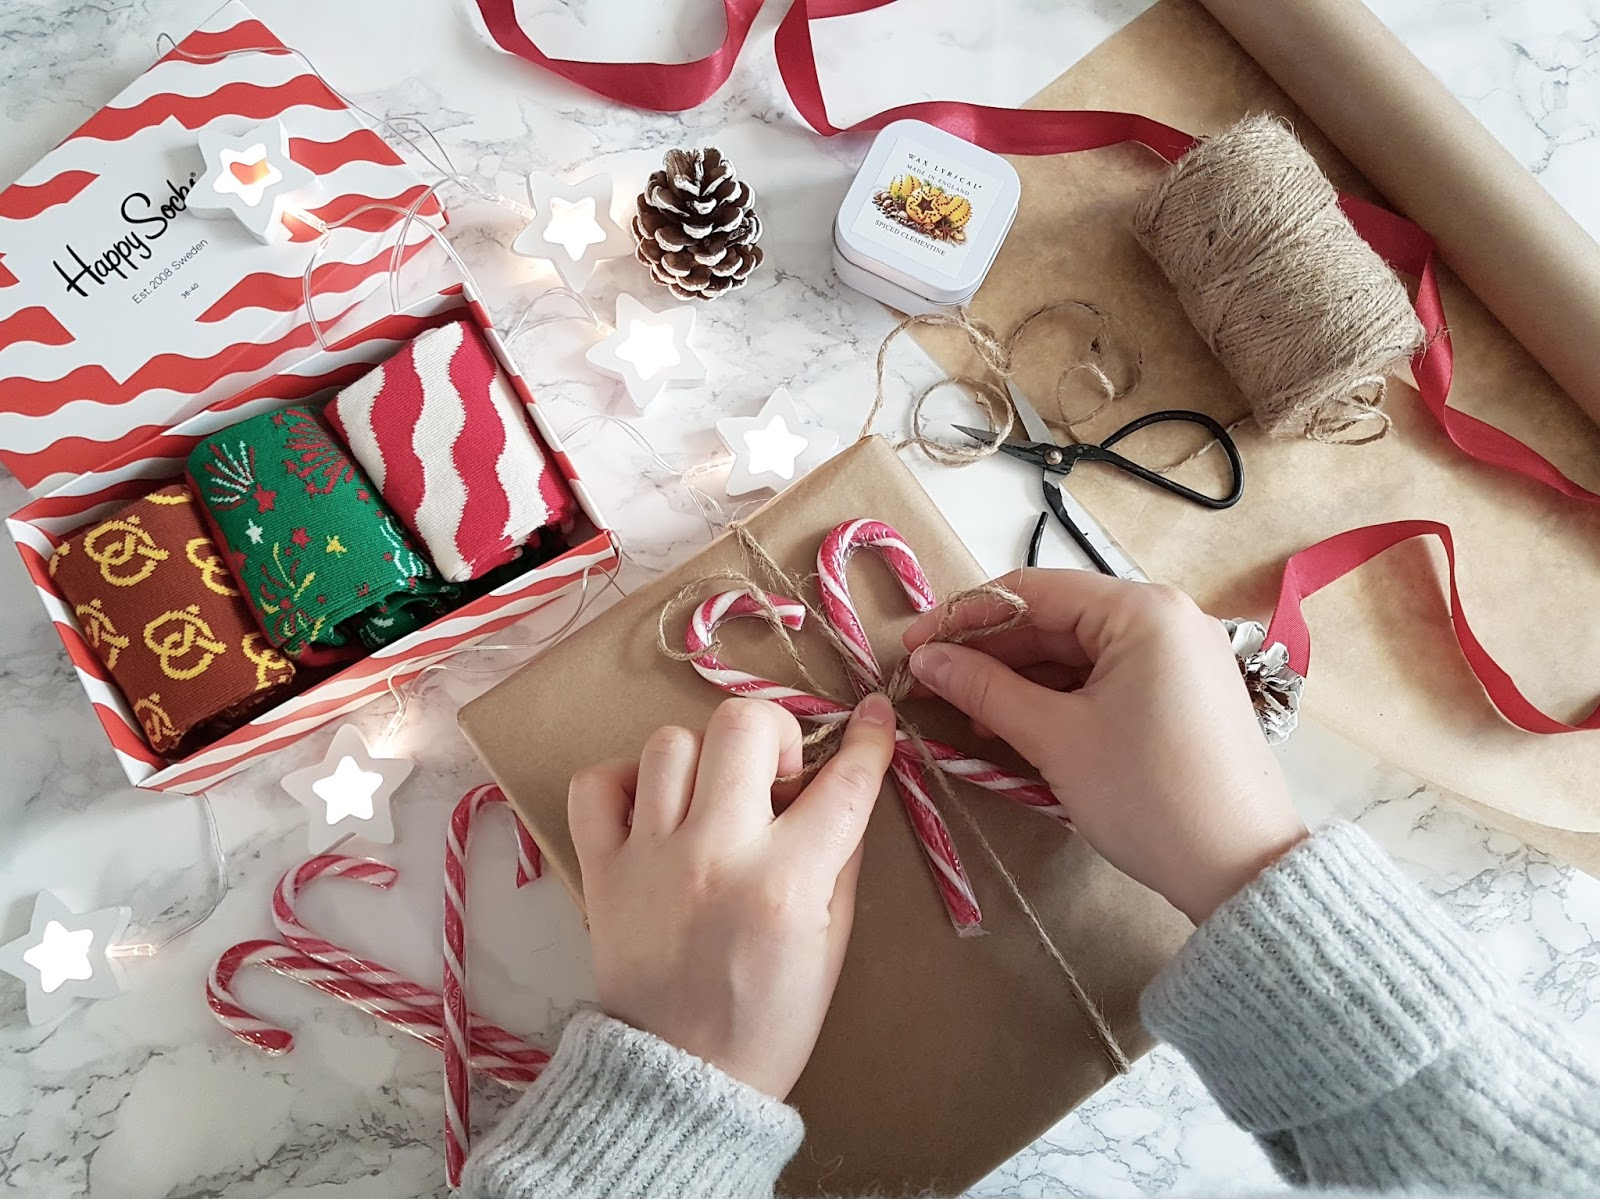 Xmas gift guide czyli prezenty dla Niej i dla Niego